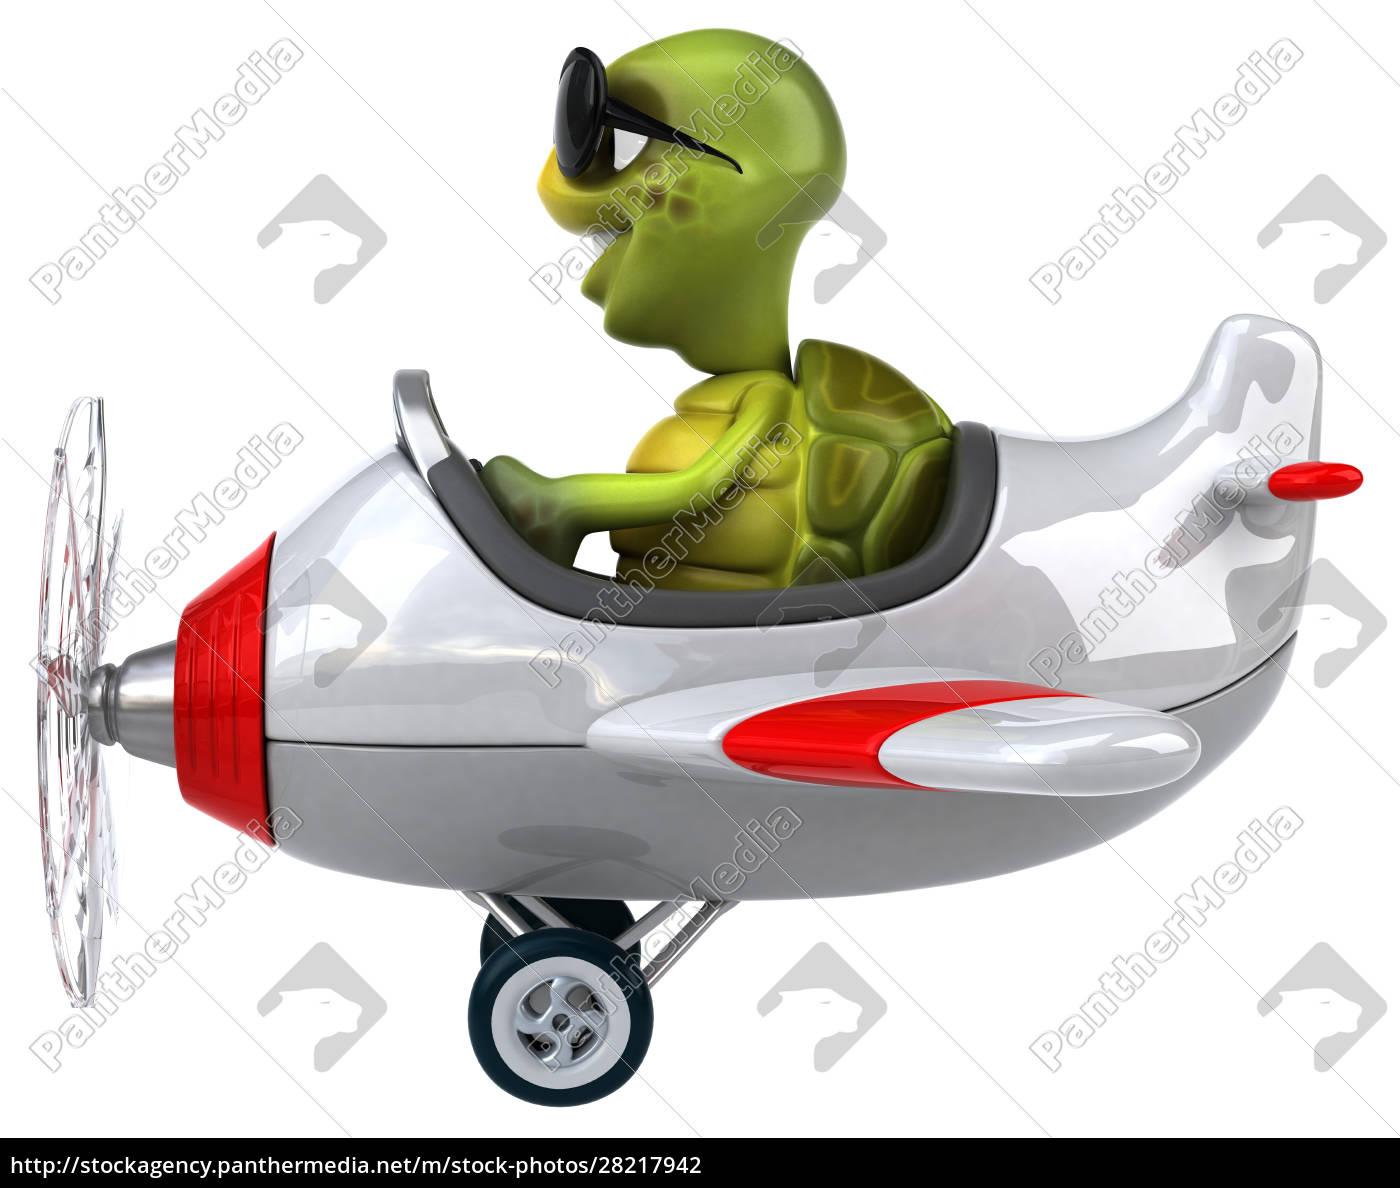 fun, turtle - 28217942